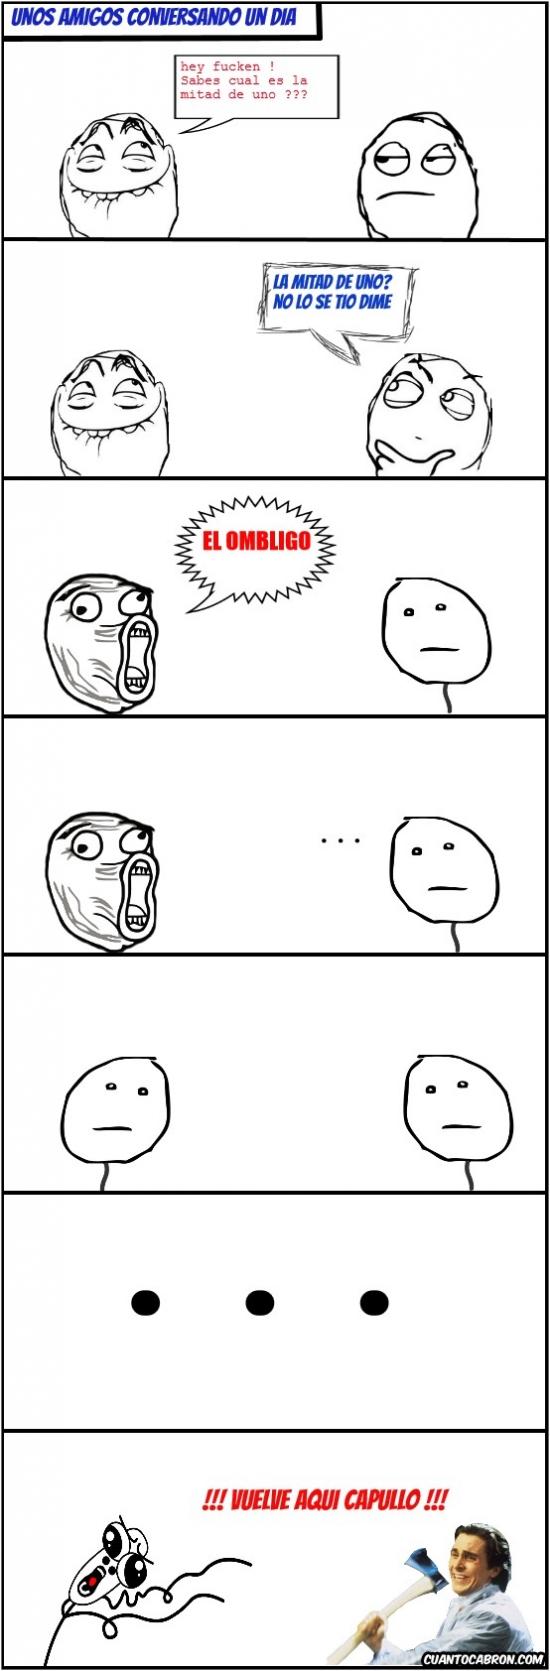 Omg_run - Cuando el chiste es tan malo...